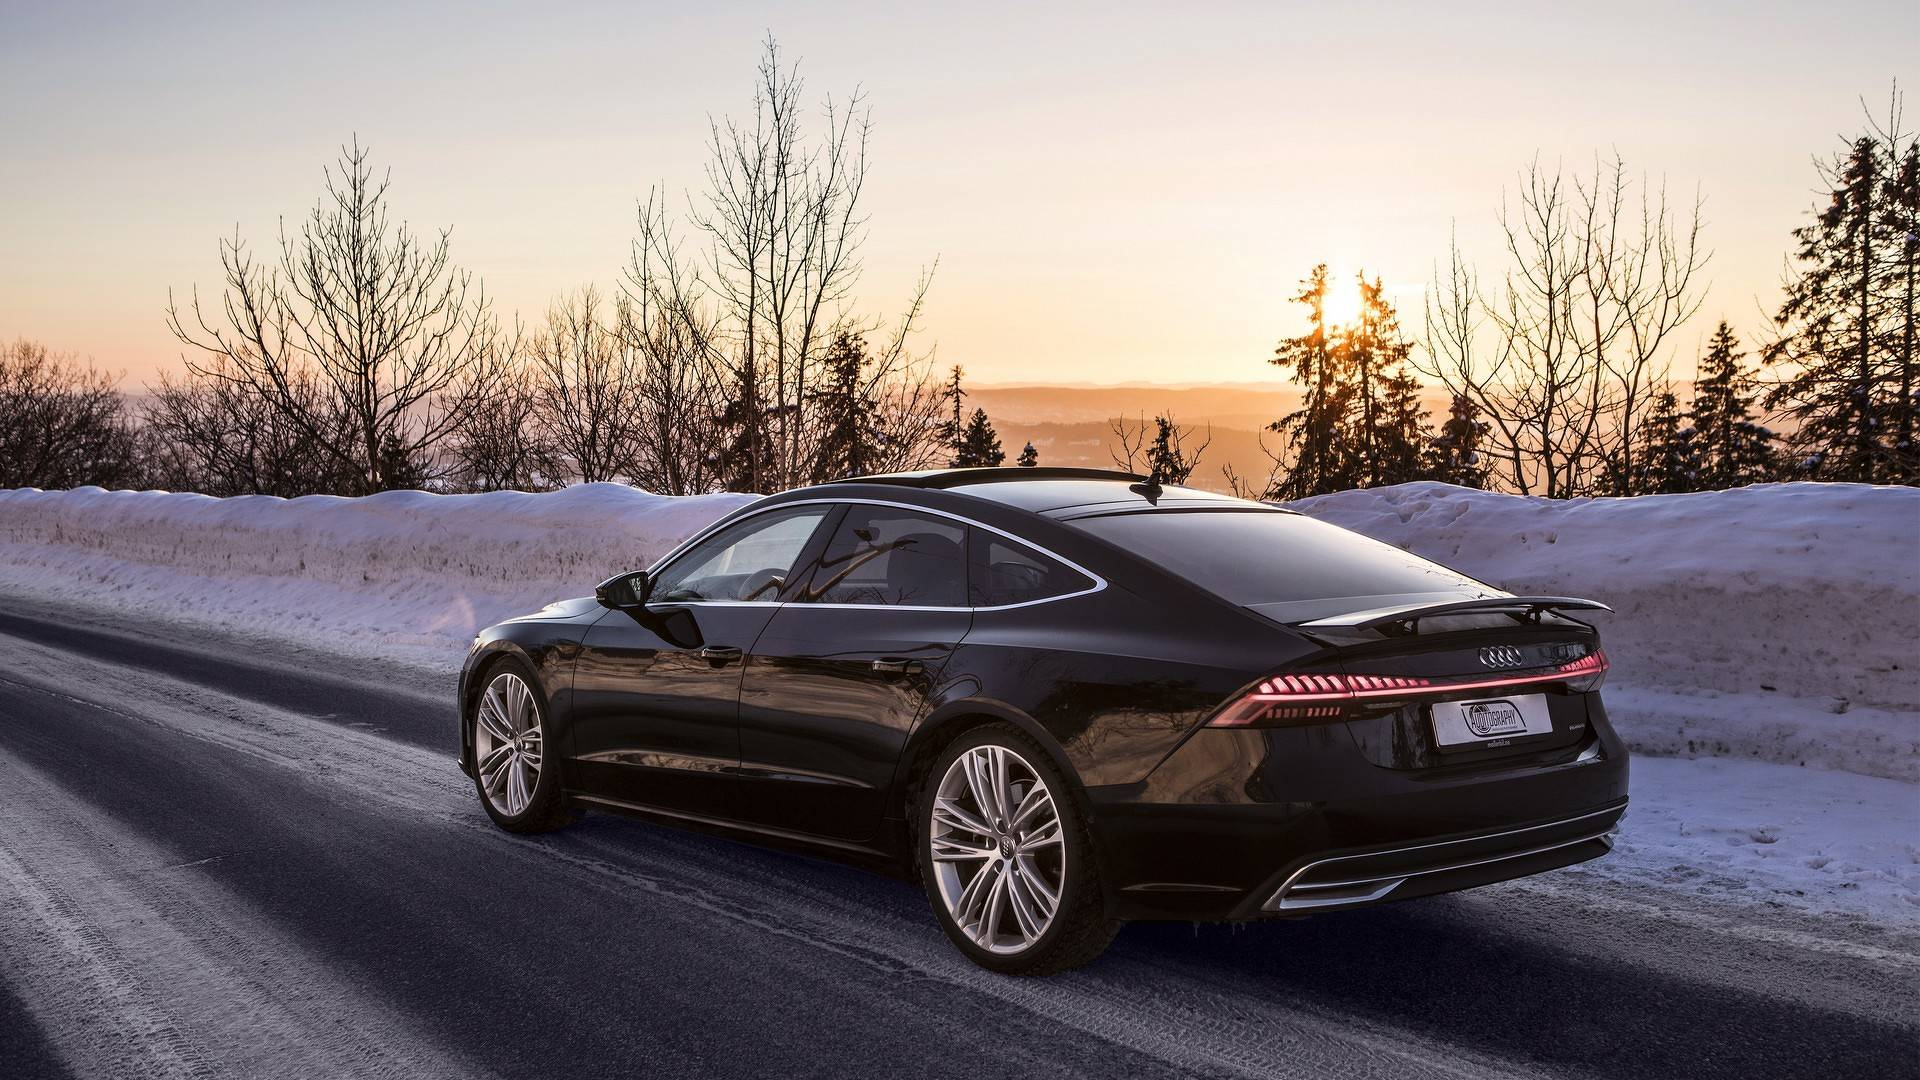 آئودی A7 مدل 2019 - اجاره ماشین - اجاره خودرو - کرایه ماشین